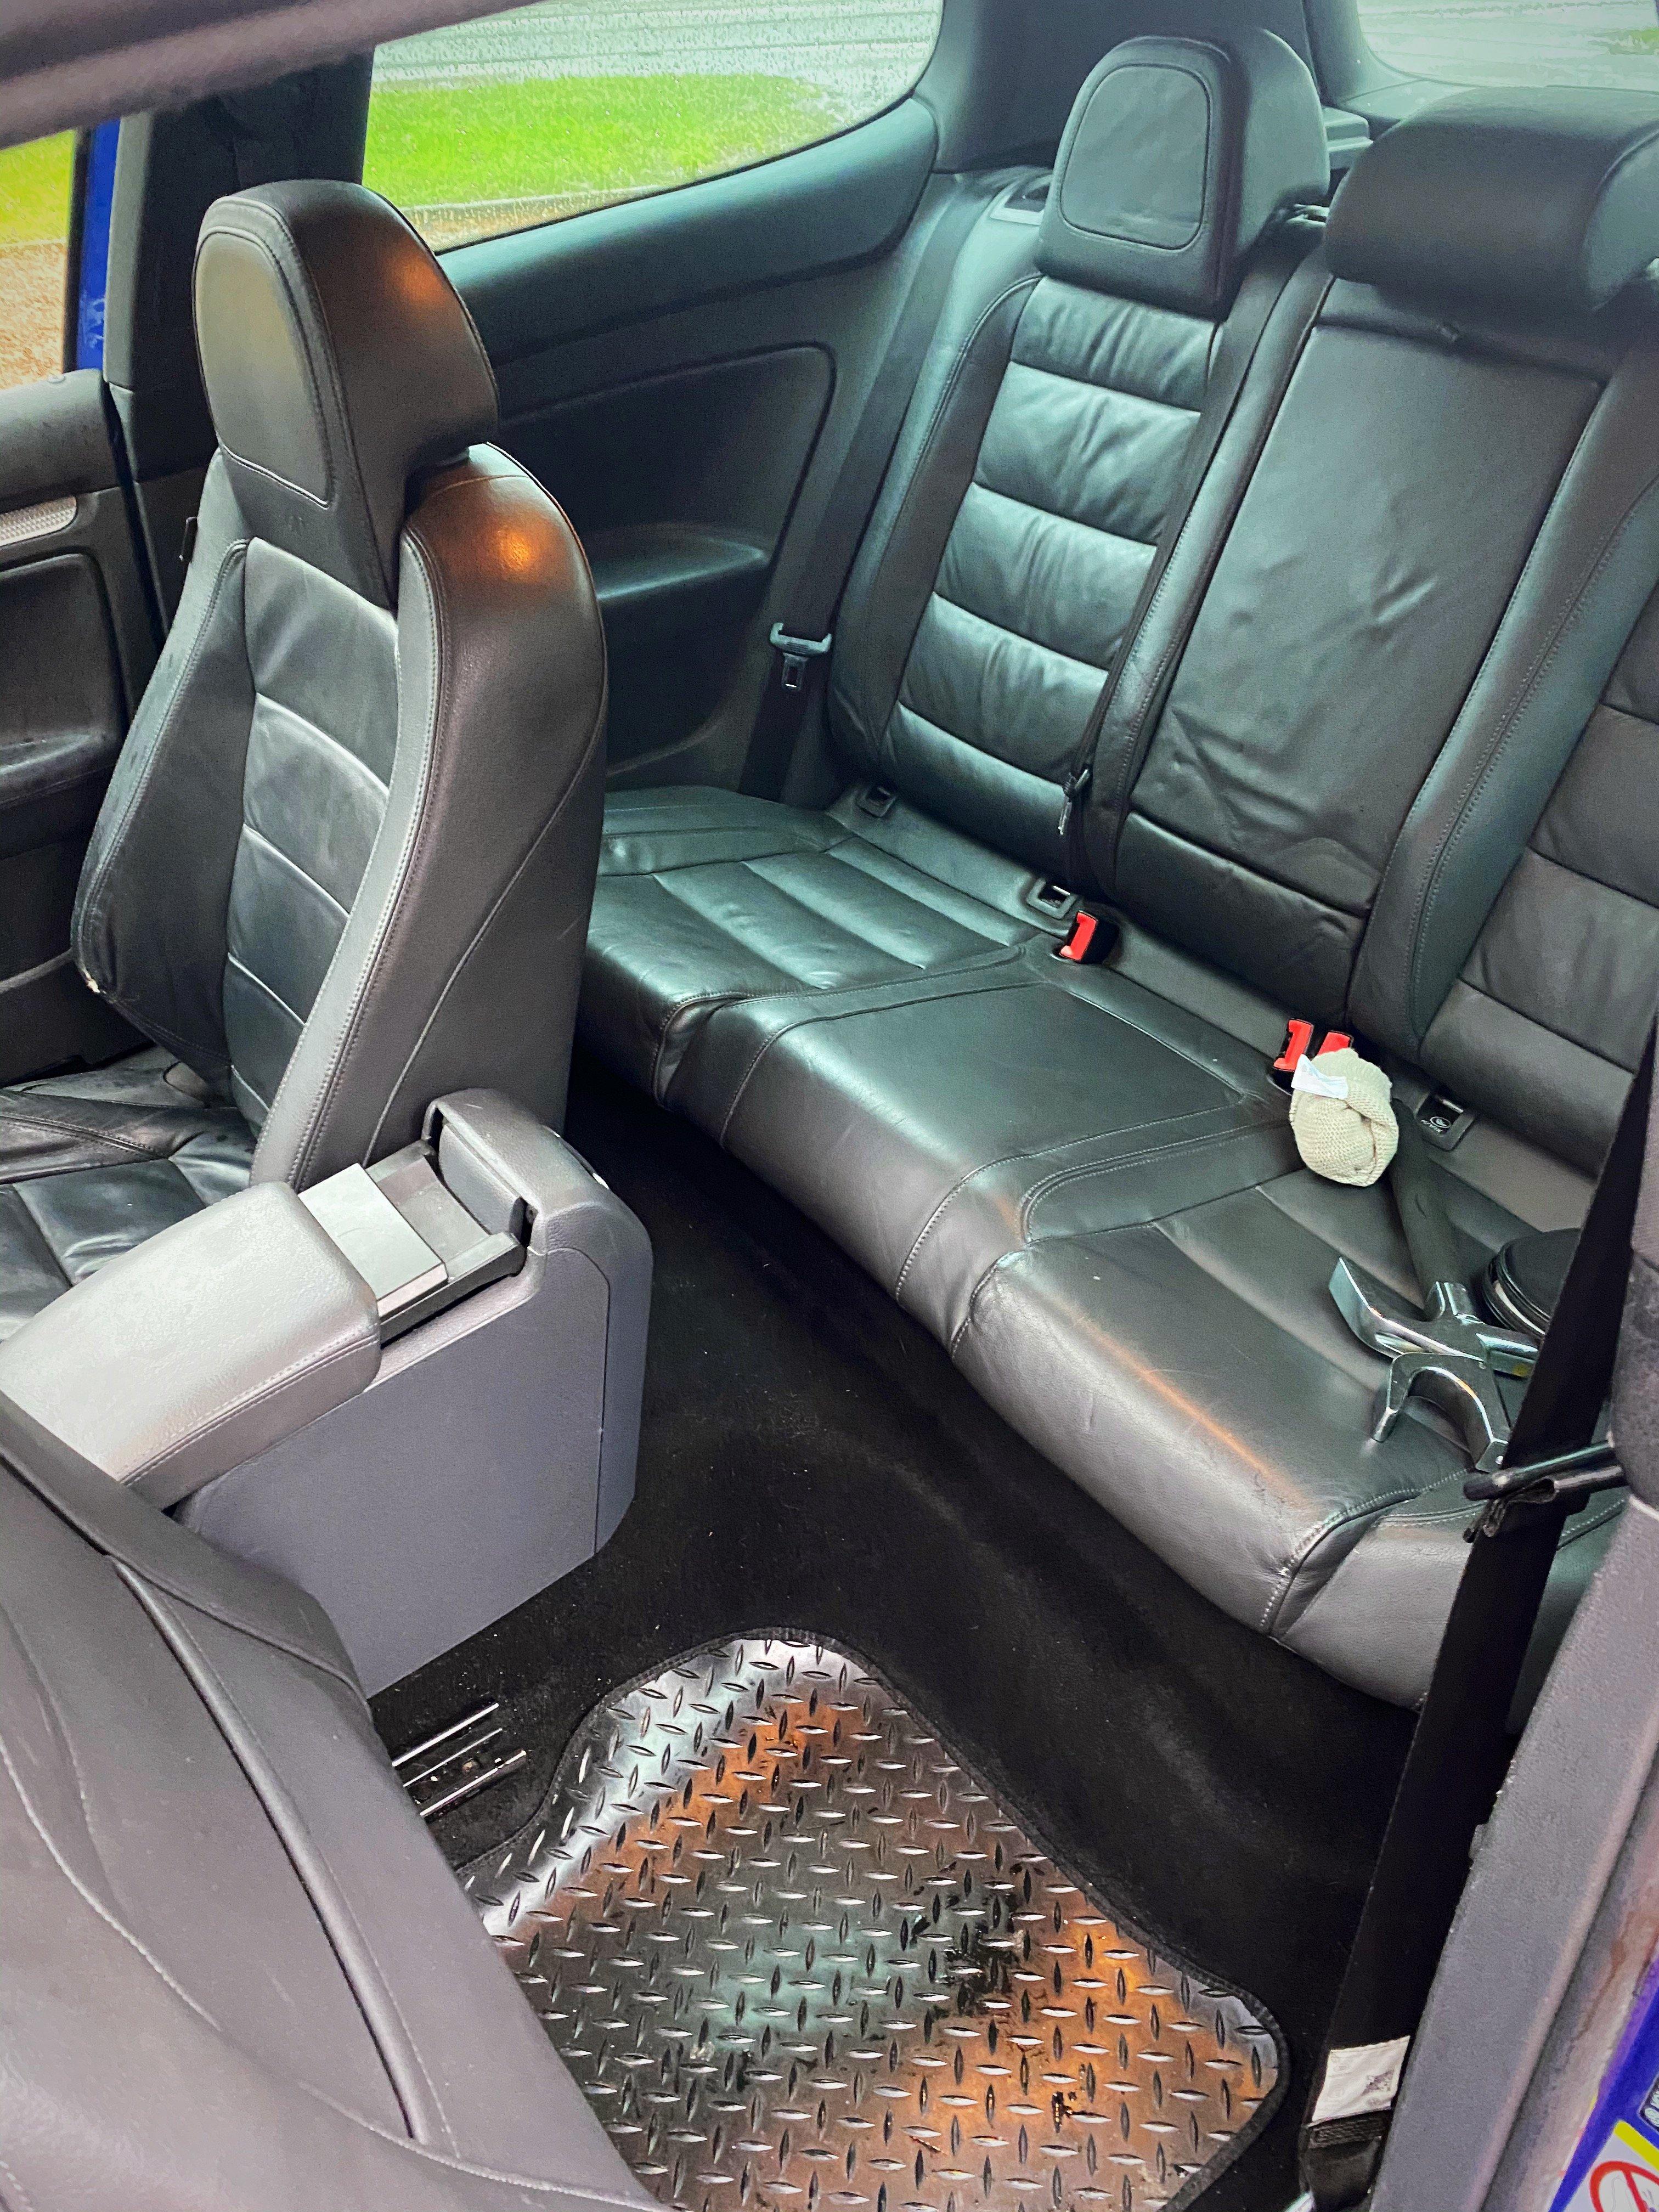 2007 Volkswagen Golf R32 MK5 3 Door DSG Low Miles For Sale (picture 7 of 9)